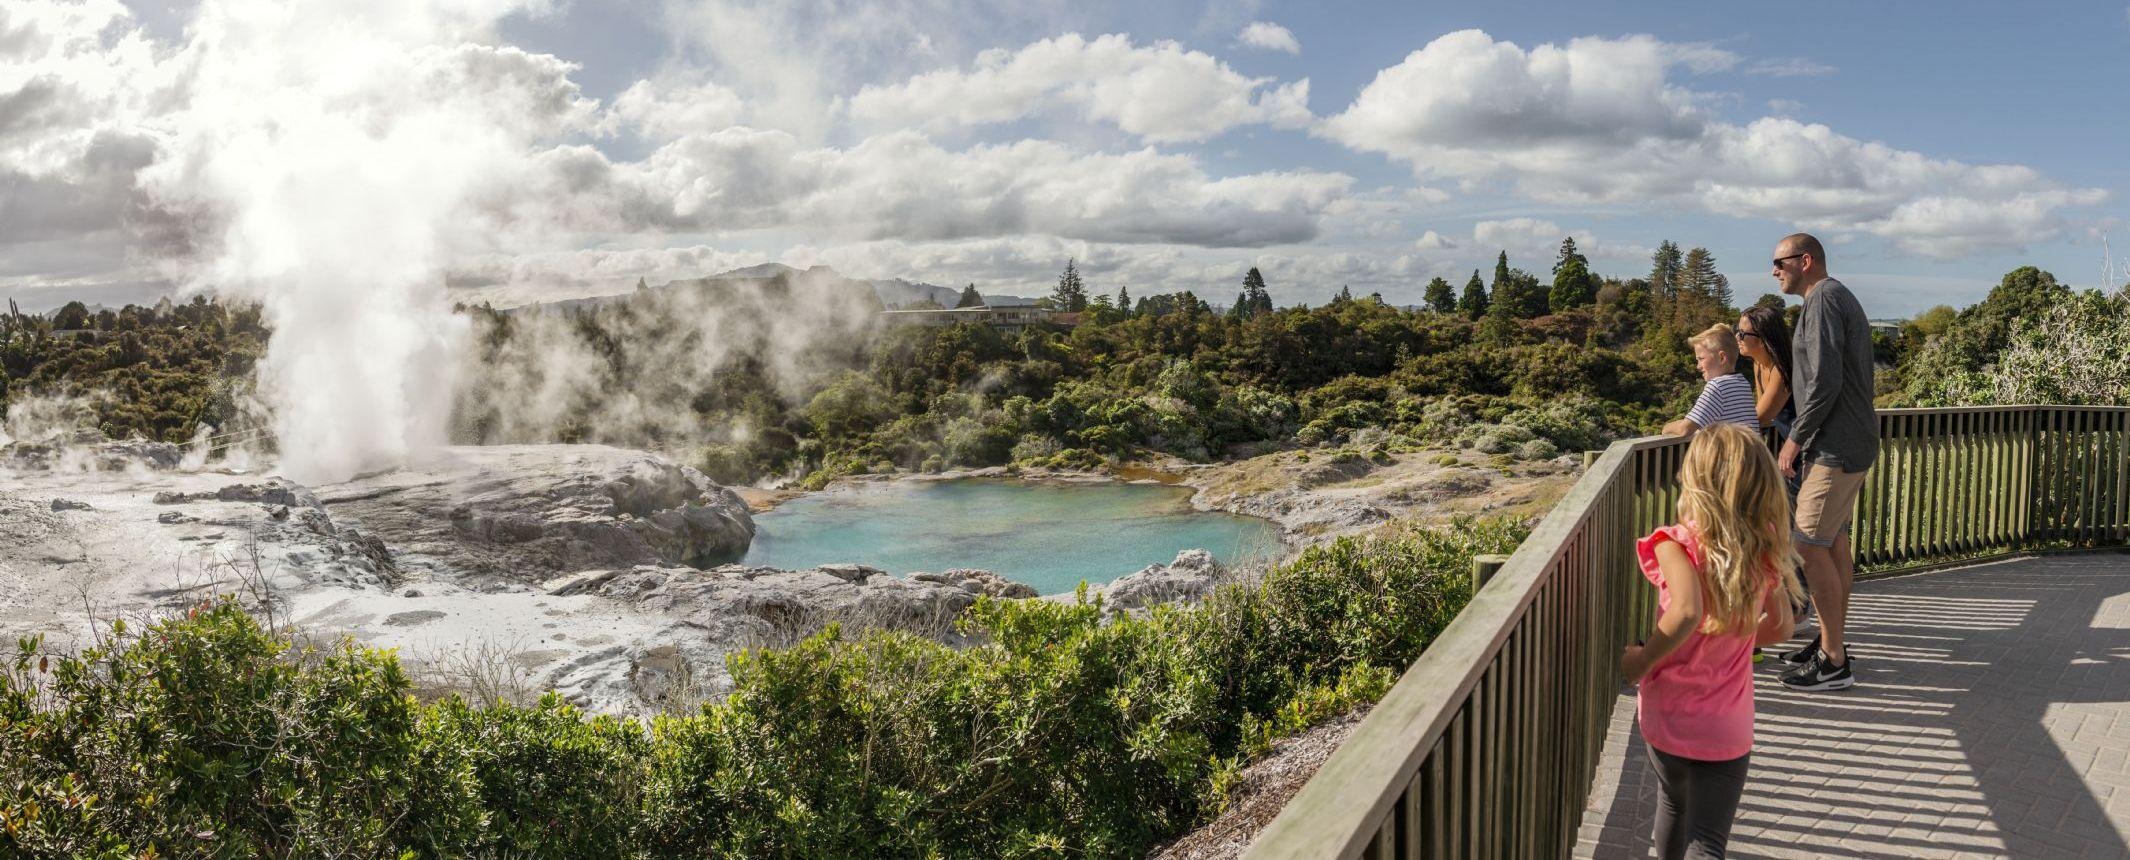 Nueva Zelanda - Caminatas y naturaleza en el Fin del Mundo